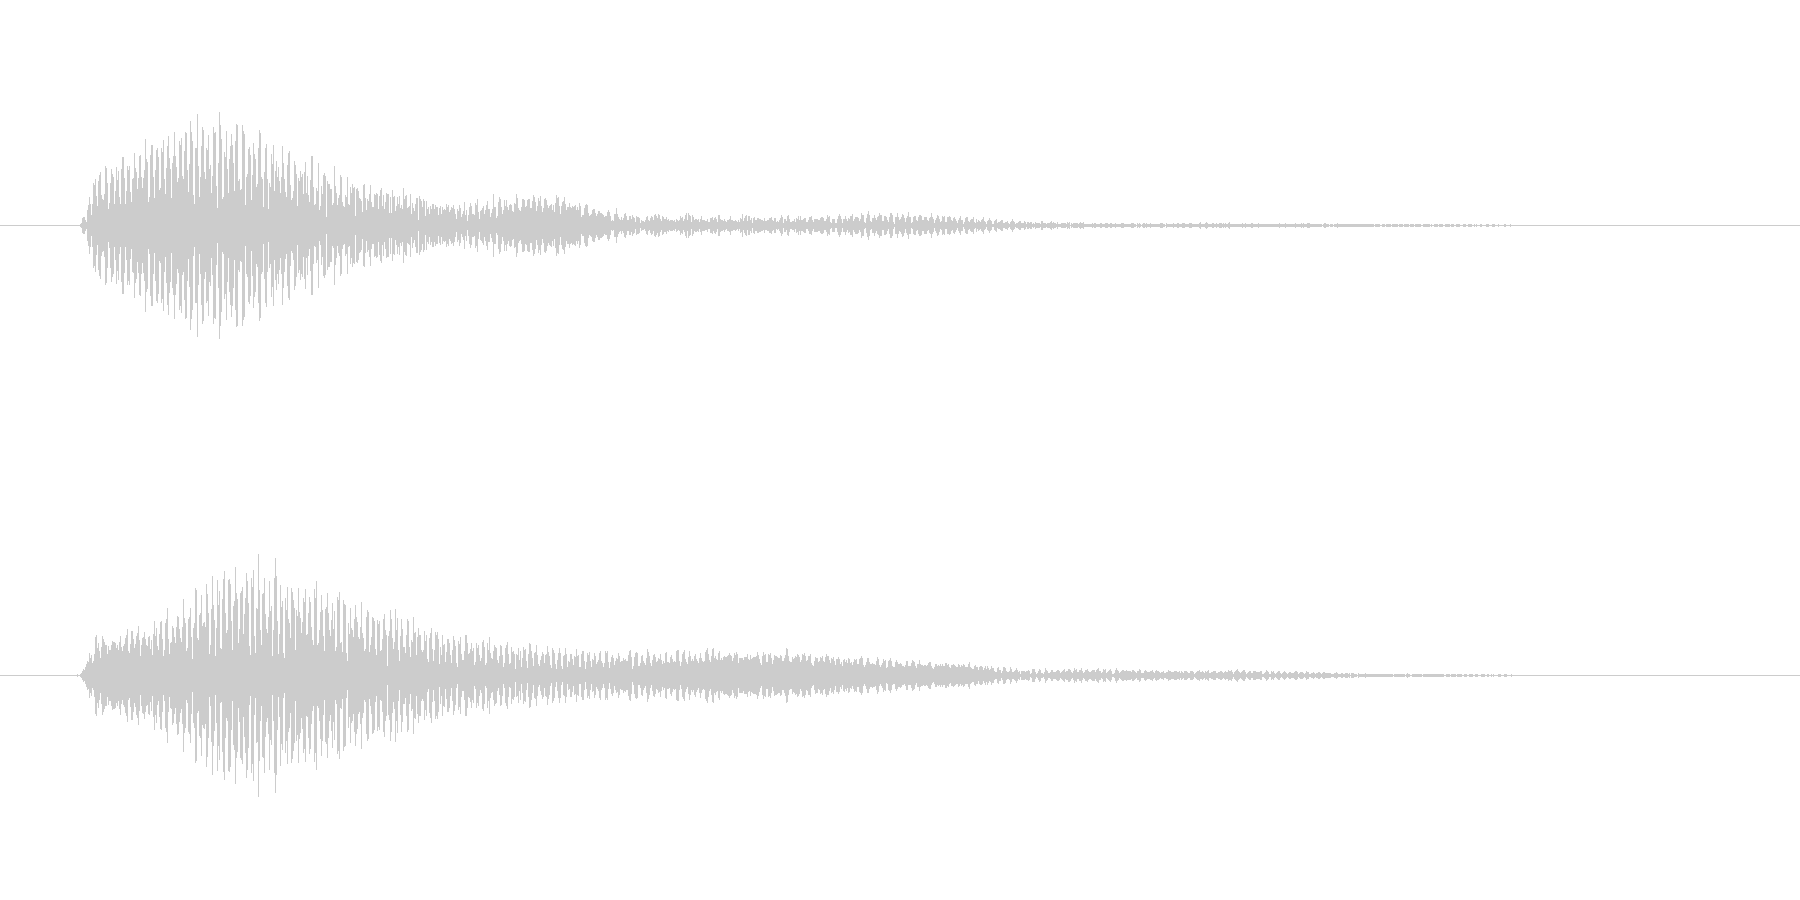 決定/クリック/選択音(和音/シンセ)の未再生の波形